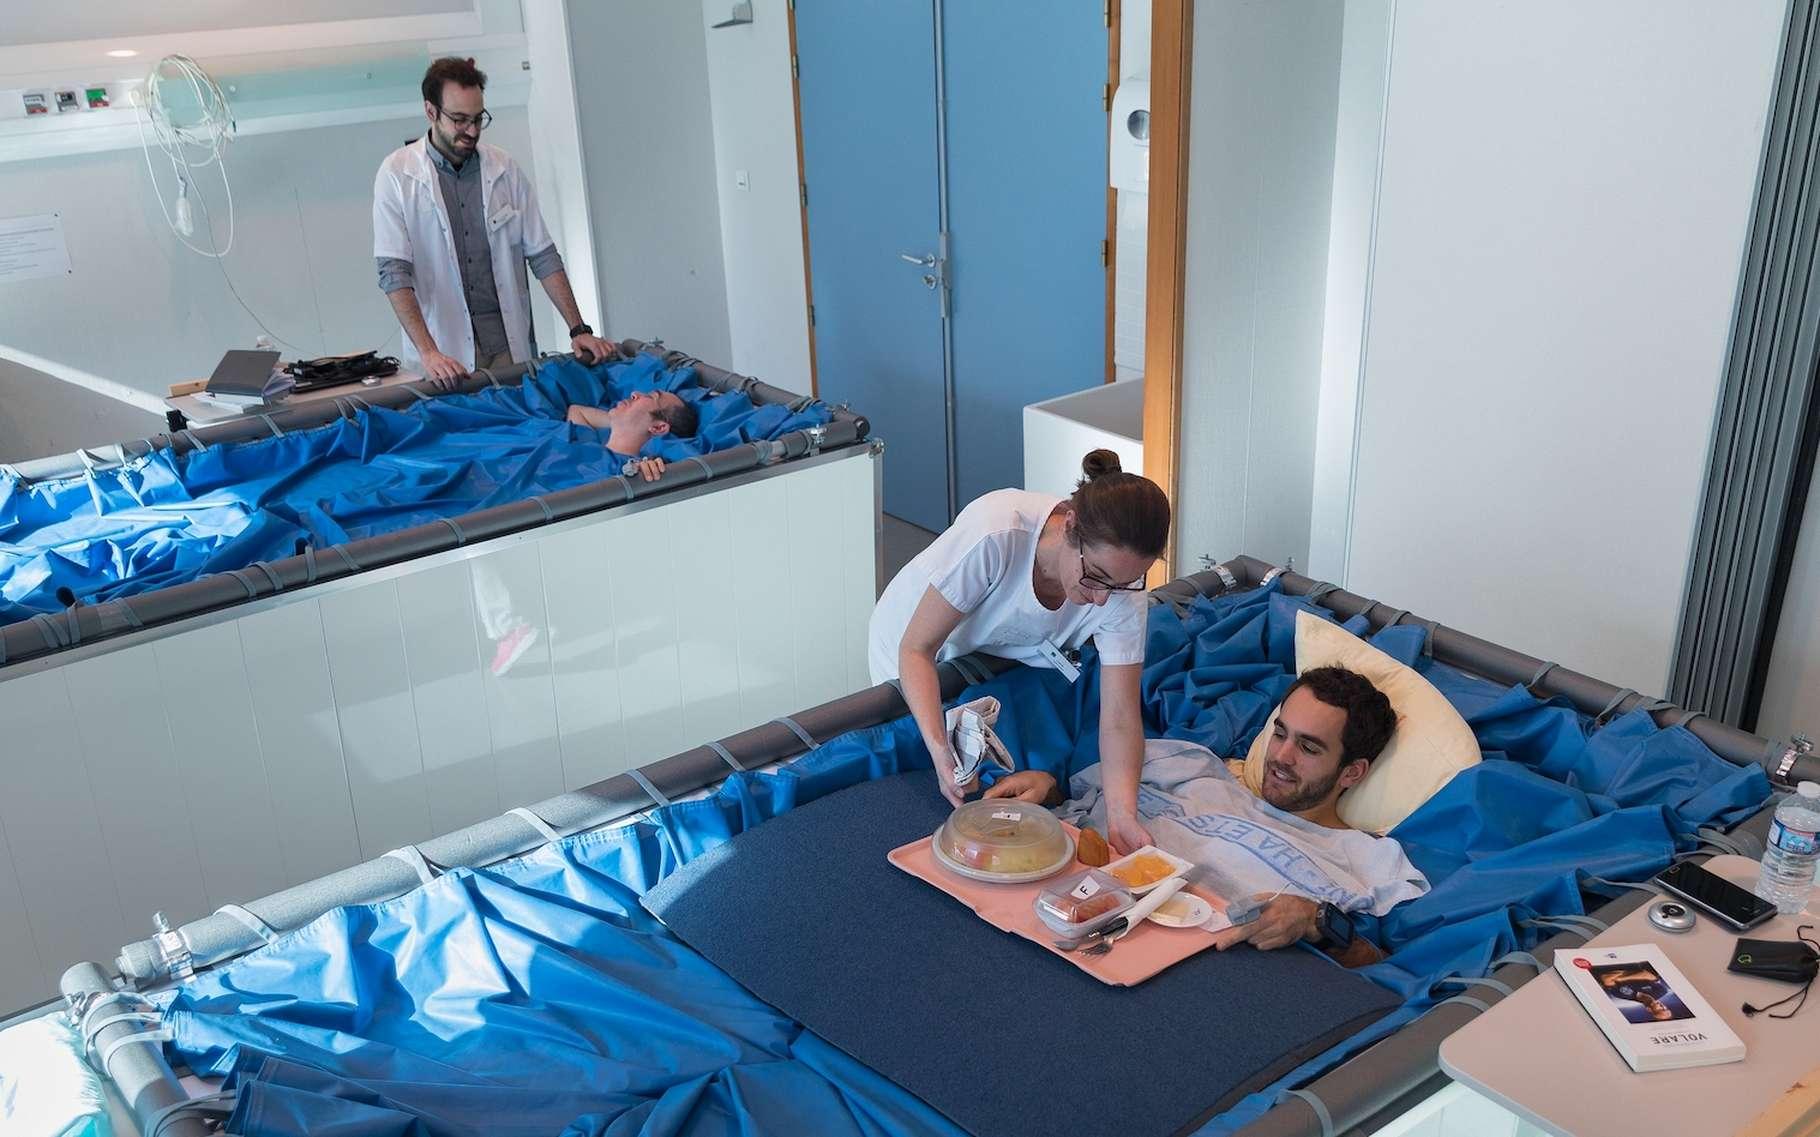 L'Agence spatiale européenne vous propose de passer des mois dans un lit en apesanteur